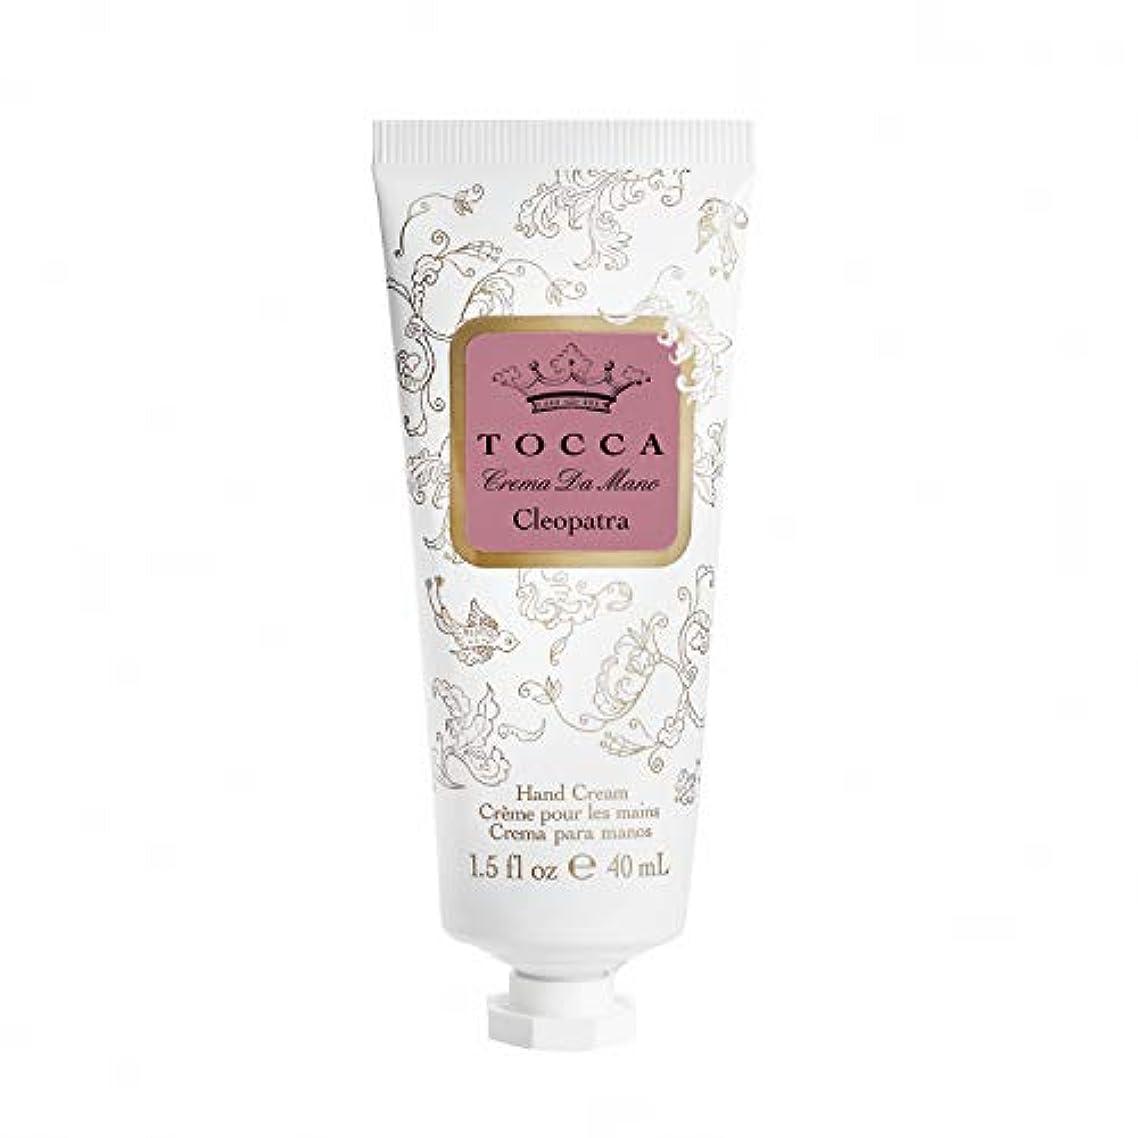 プレビュー腕占めるトッカ(TOCCA) ハンドクリーム クレオパトラの香り 40mL (手指用保湿 グレープフルーツとキューカンバーのフレッシュな香り)